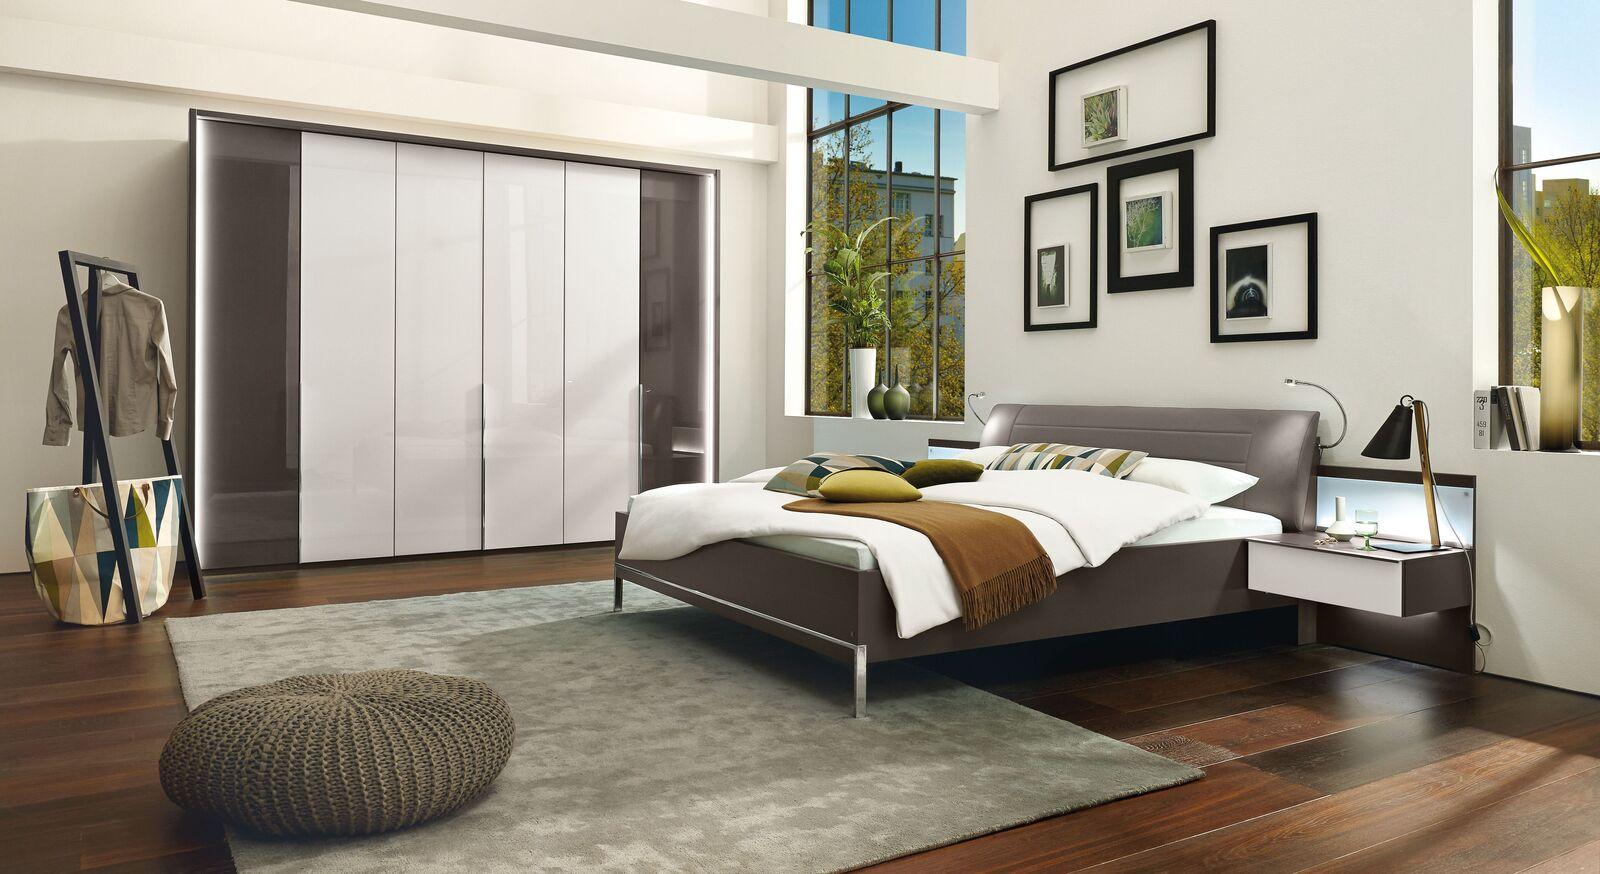 MUSTERRING Schlafzimmer San Diego Havanna im zeitlosem Design